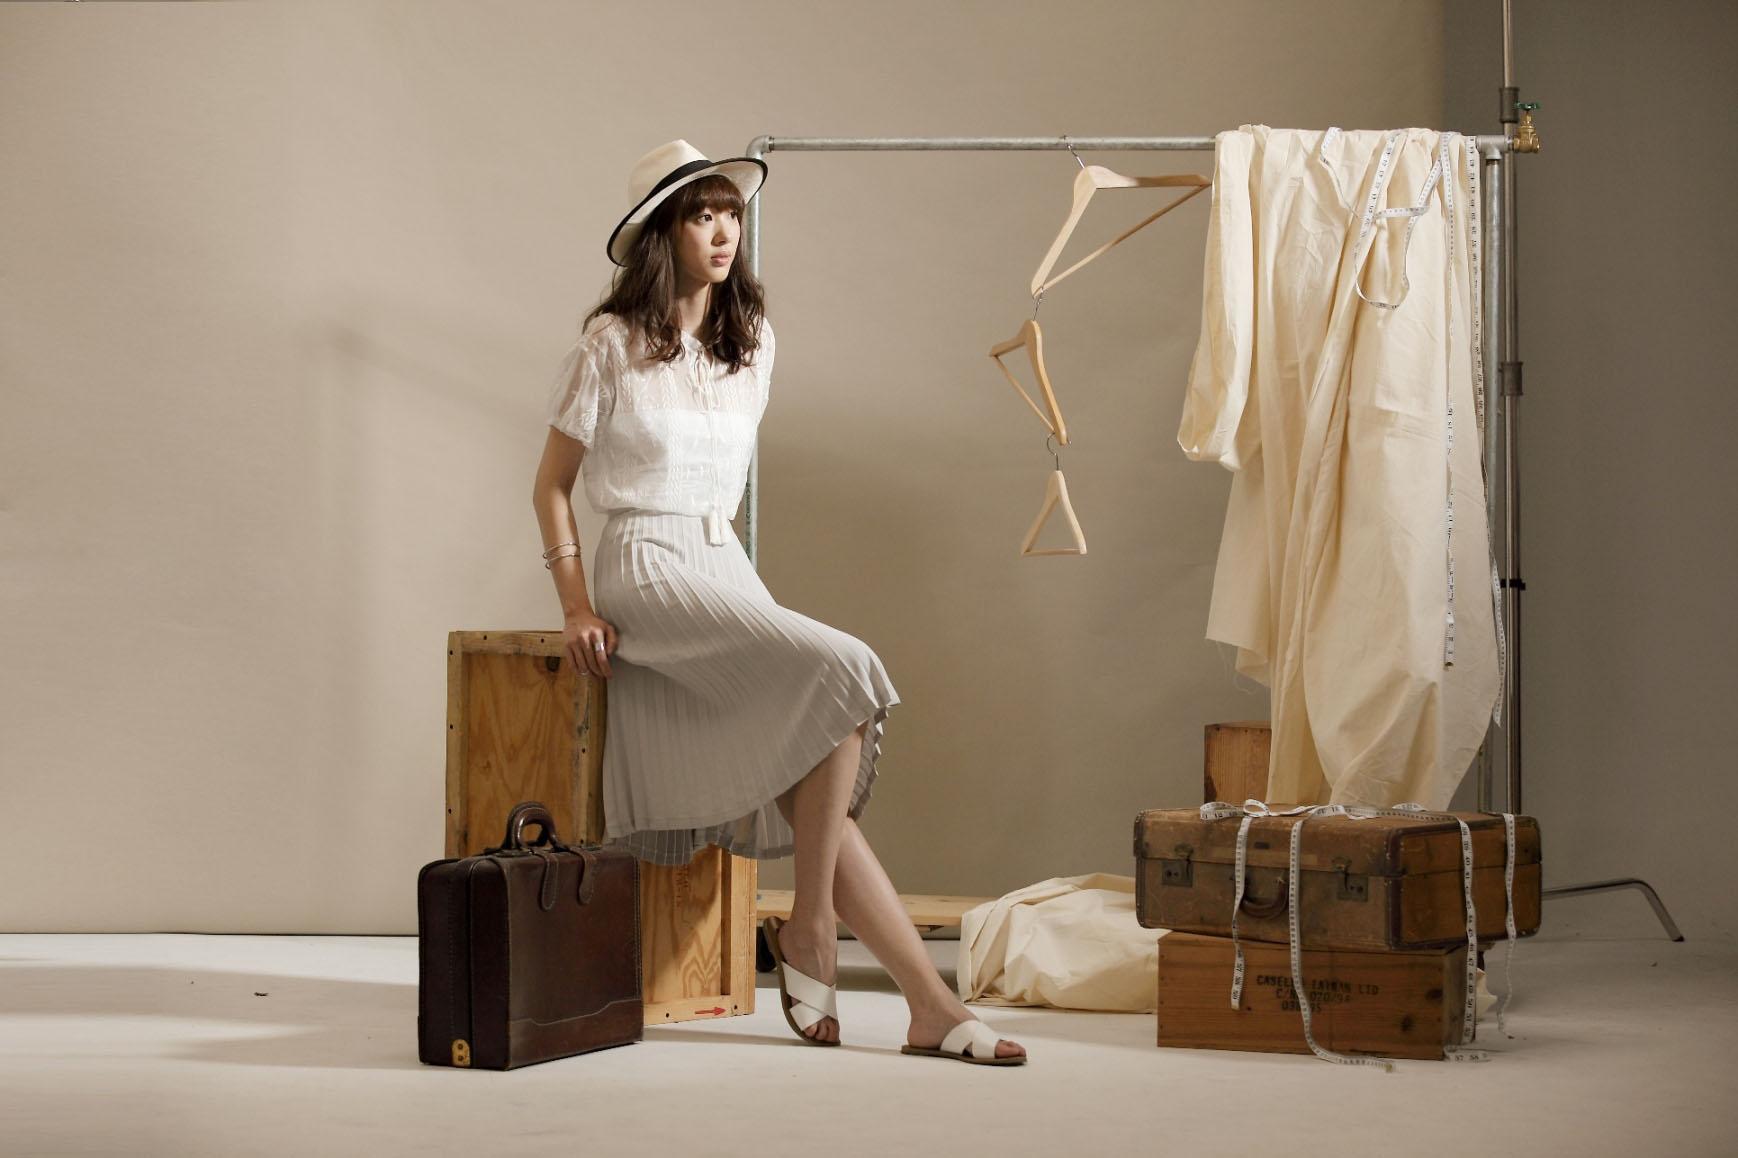 跟著KODZ一起去旅行!從機場時尚開始 展開完美夏日假期